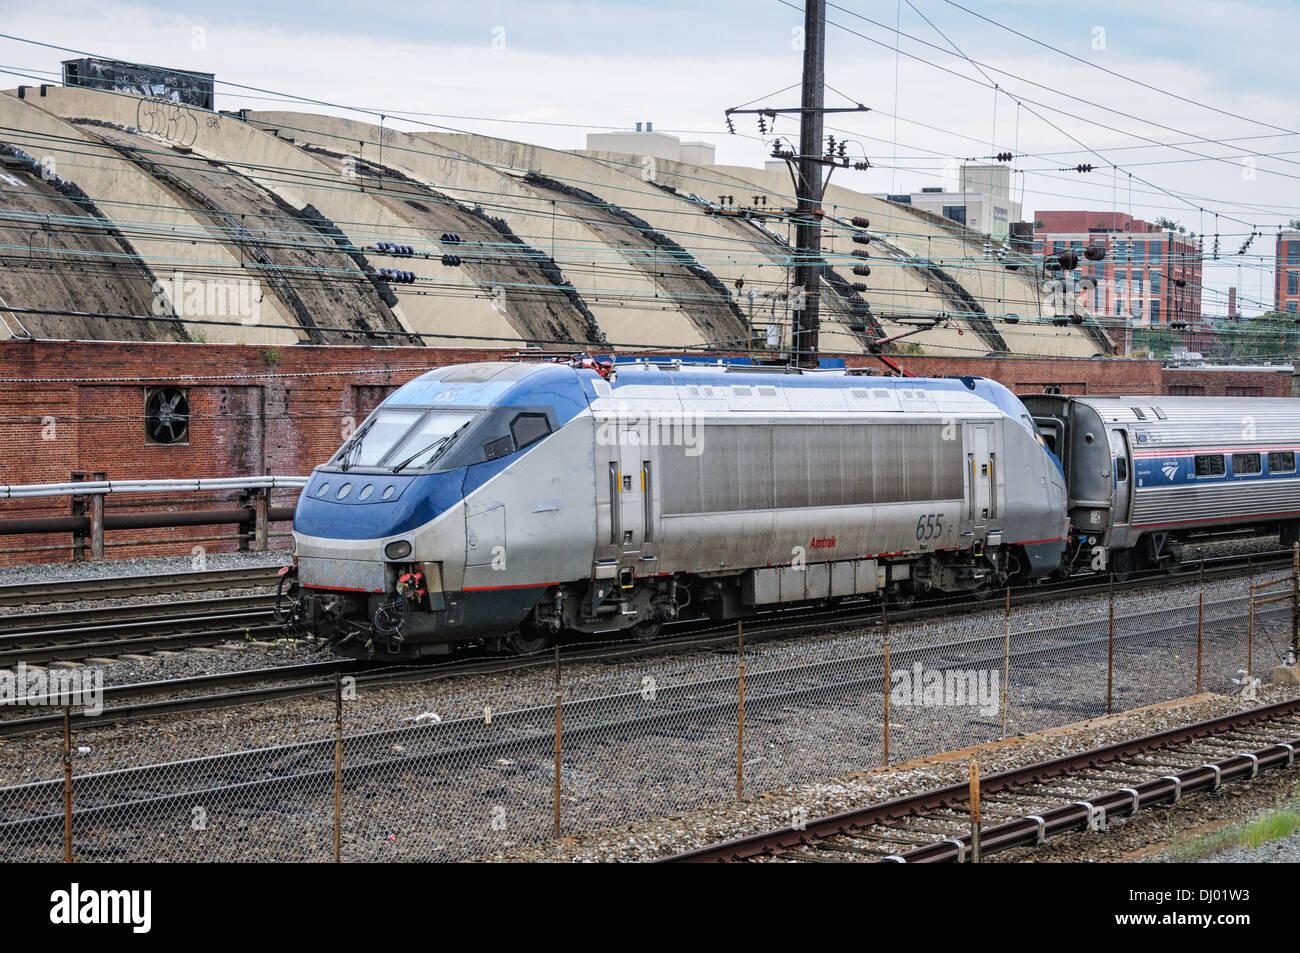 Amtrak HHP-8 Locomotive No 655 leaving Union Station, Washington DC - Stock Image